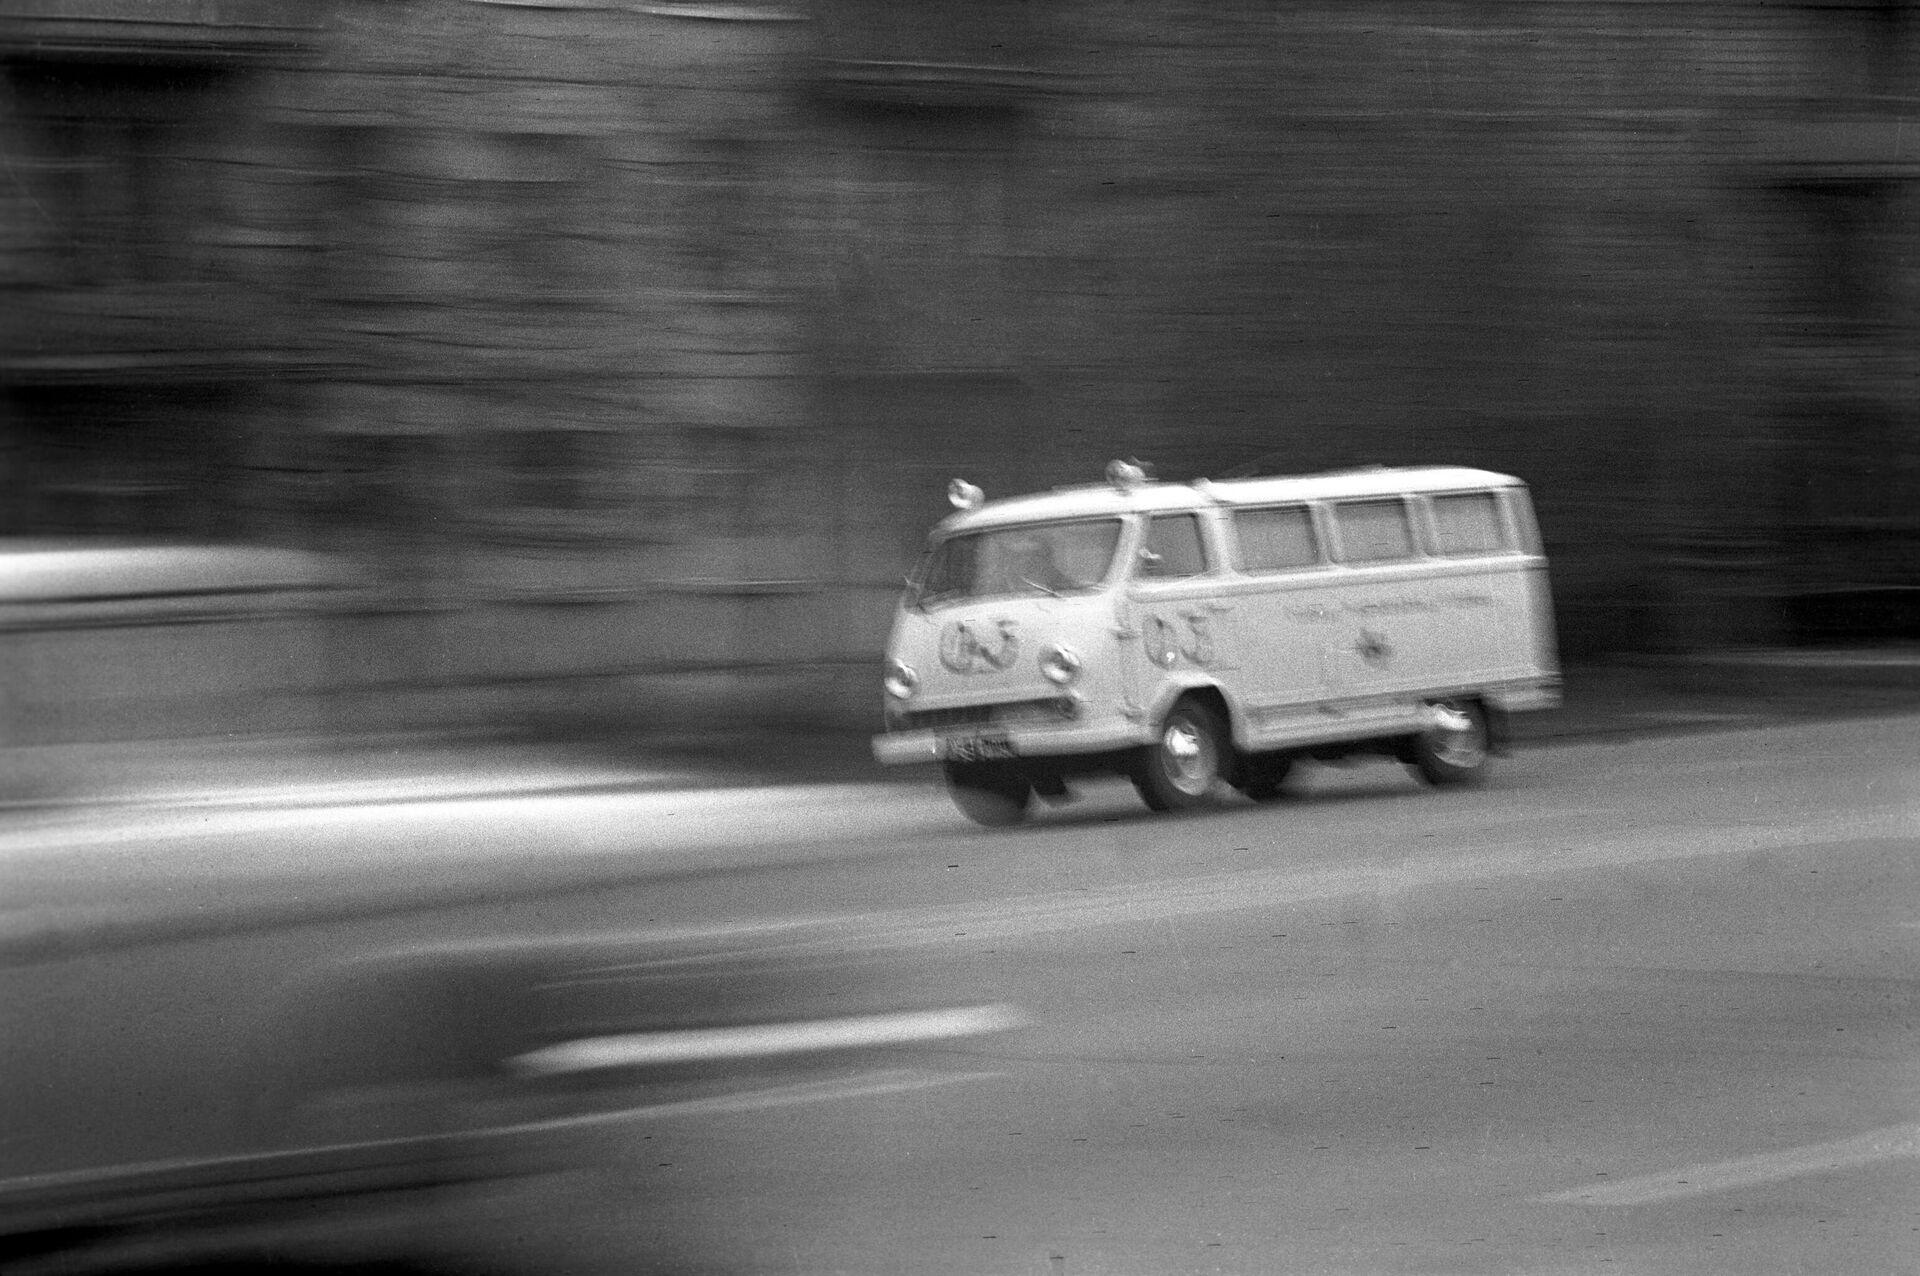 Автомобиль скорой помощи мчится на вызов - РИА Новости, 1920, 10.03.2021